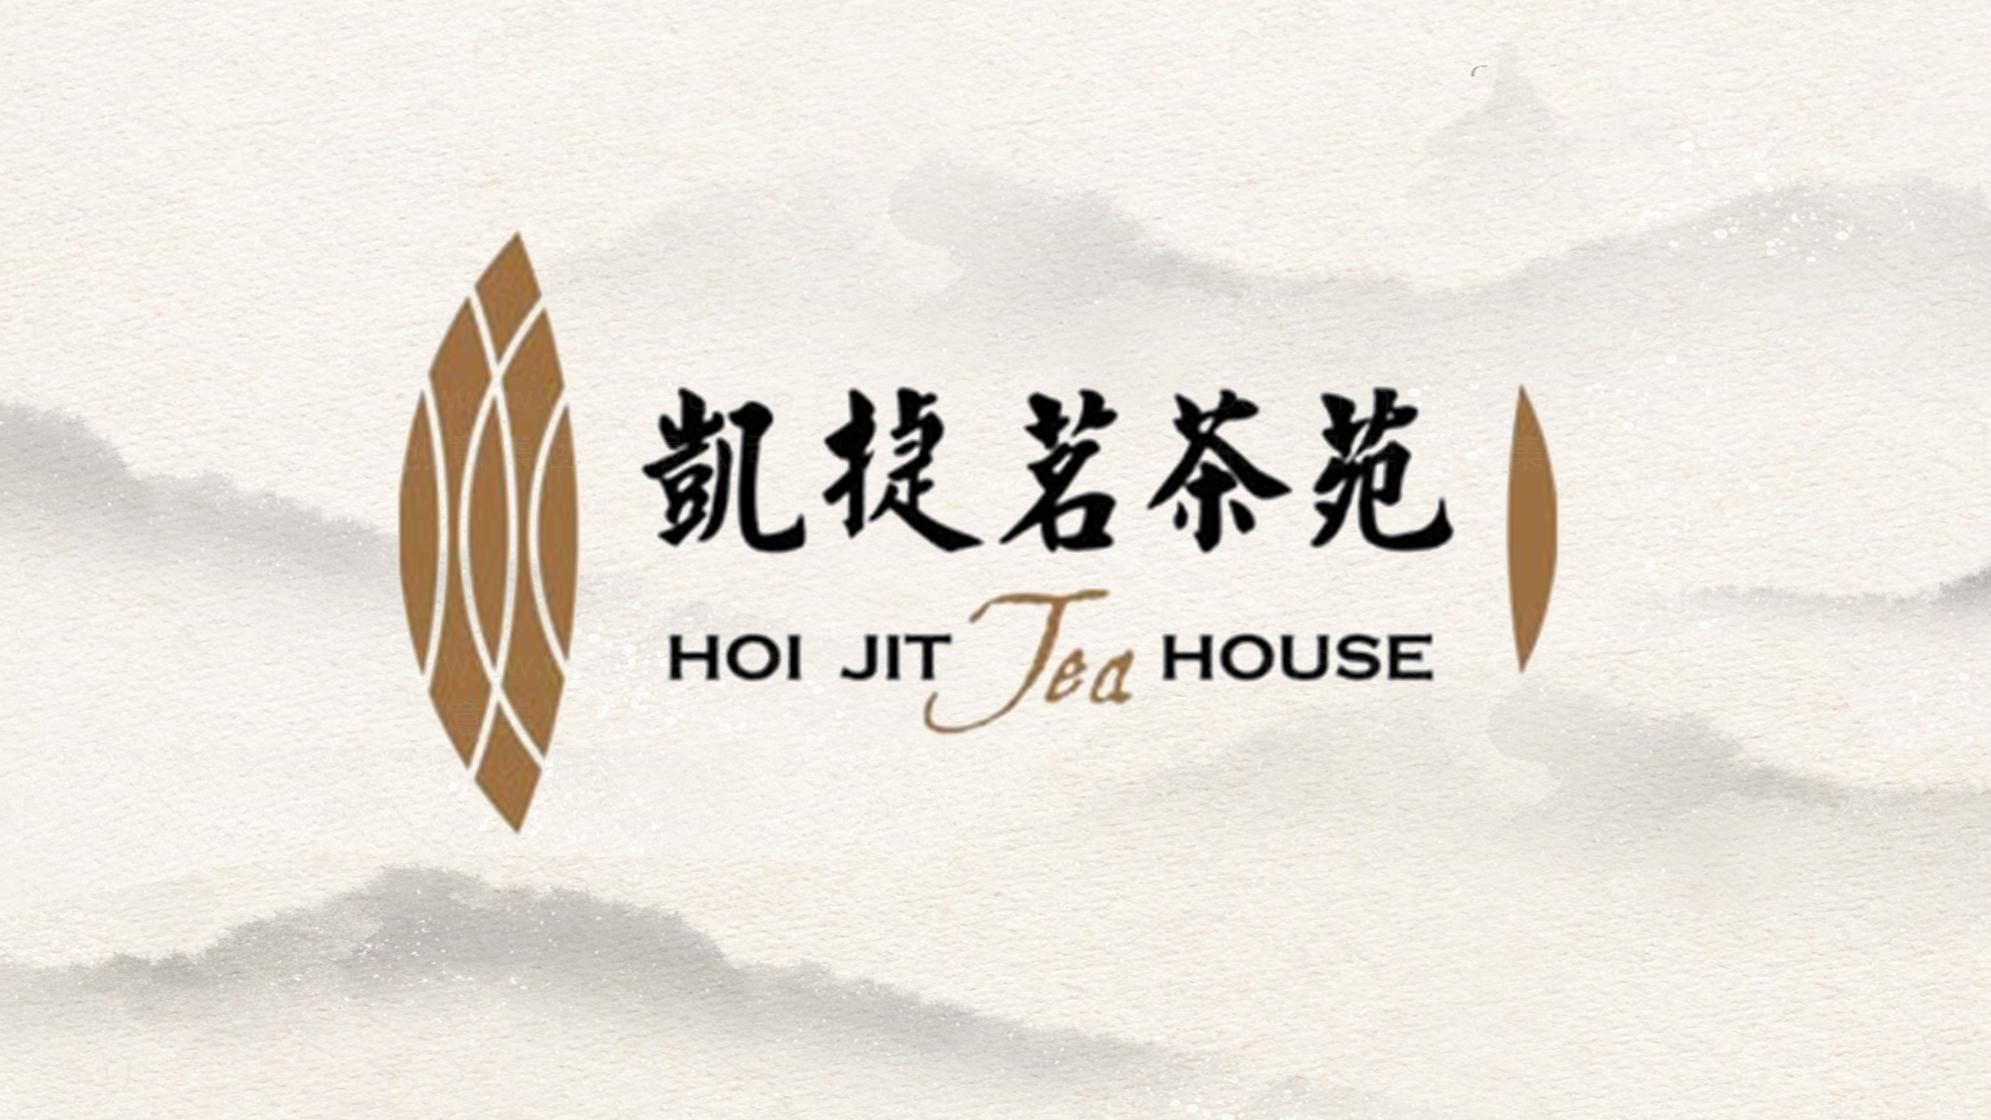 品牌设计案例凯捷茗茶LOGO&VI设计